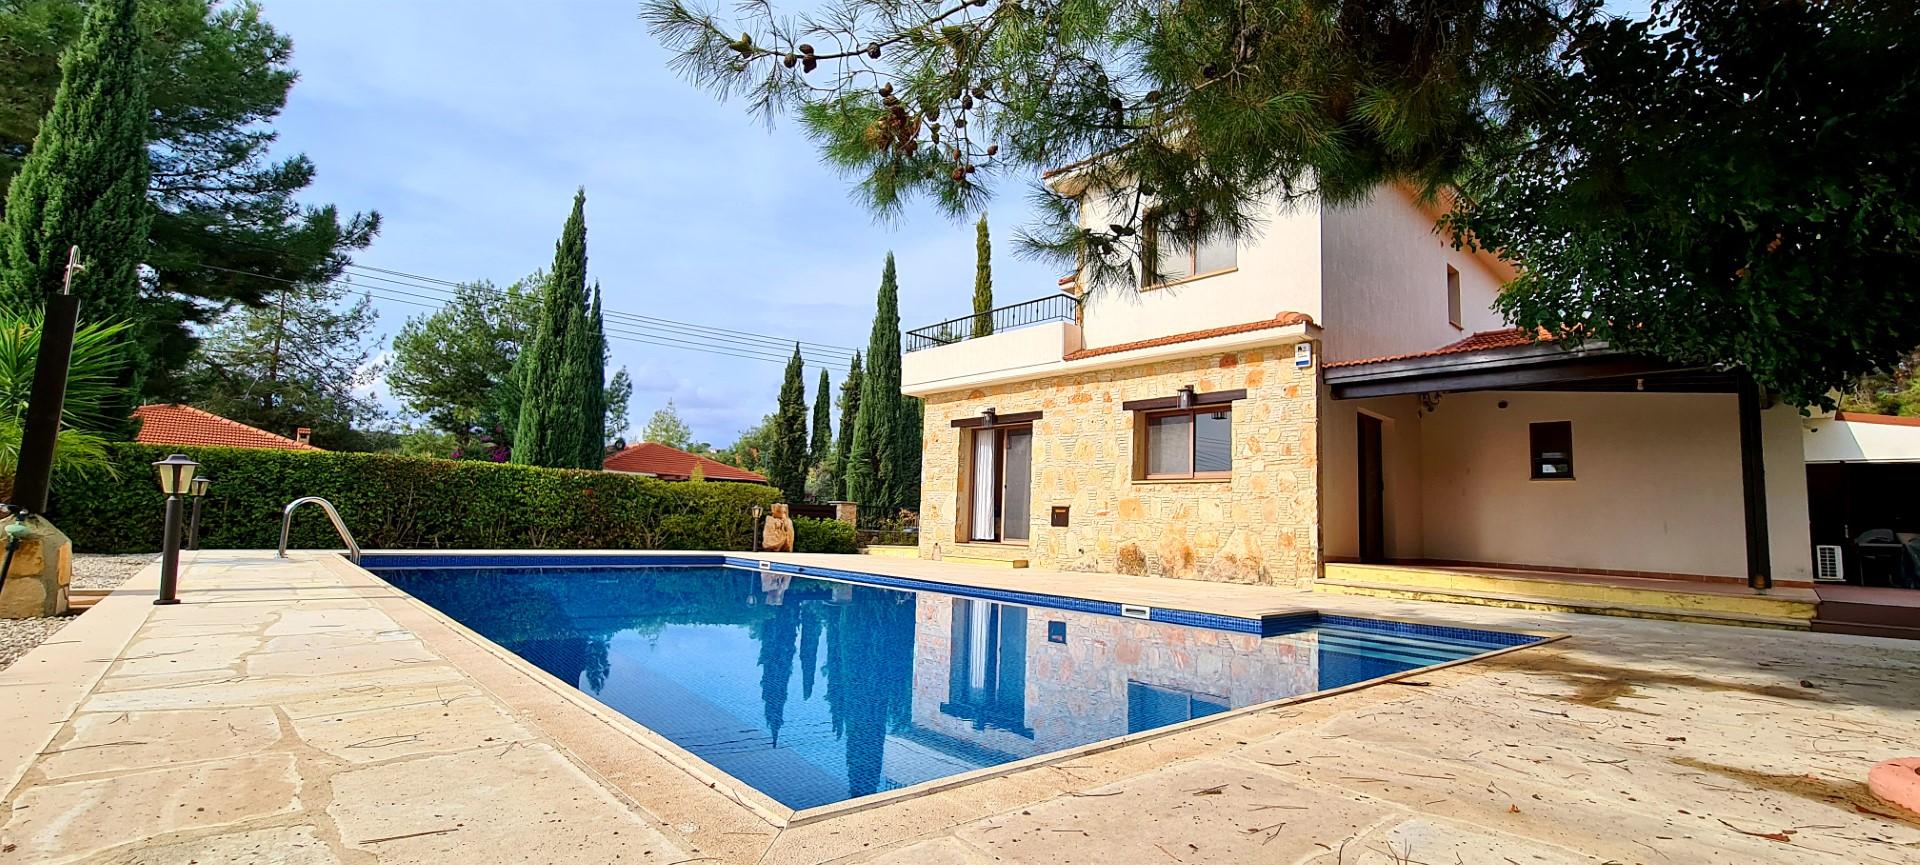 There bedroom Impressive Villa in Souni